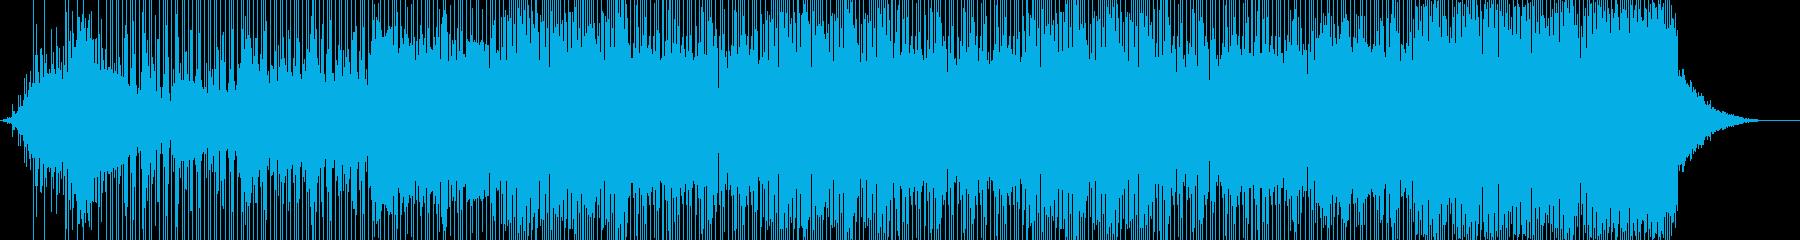 飛行機に乗っているイメージの旅行ソングの再生済みの波形